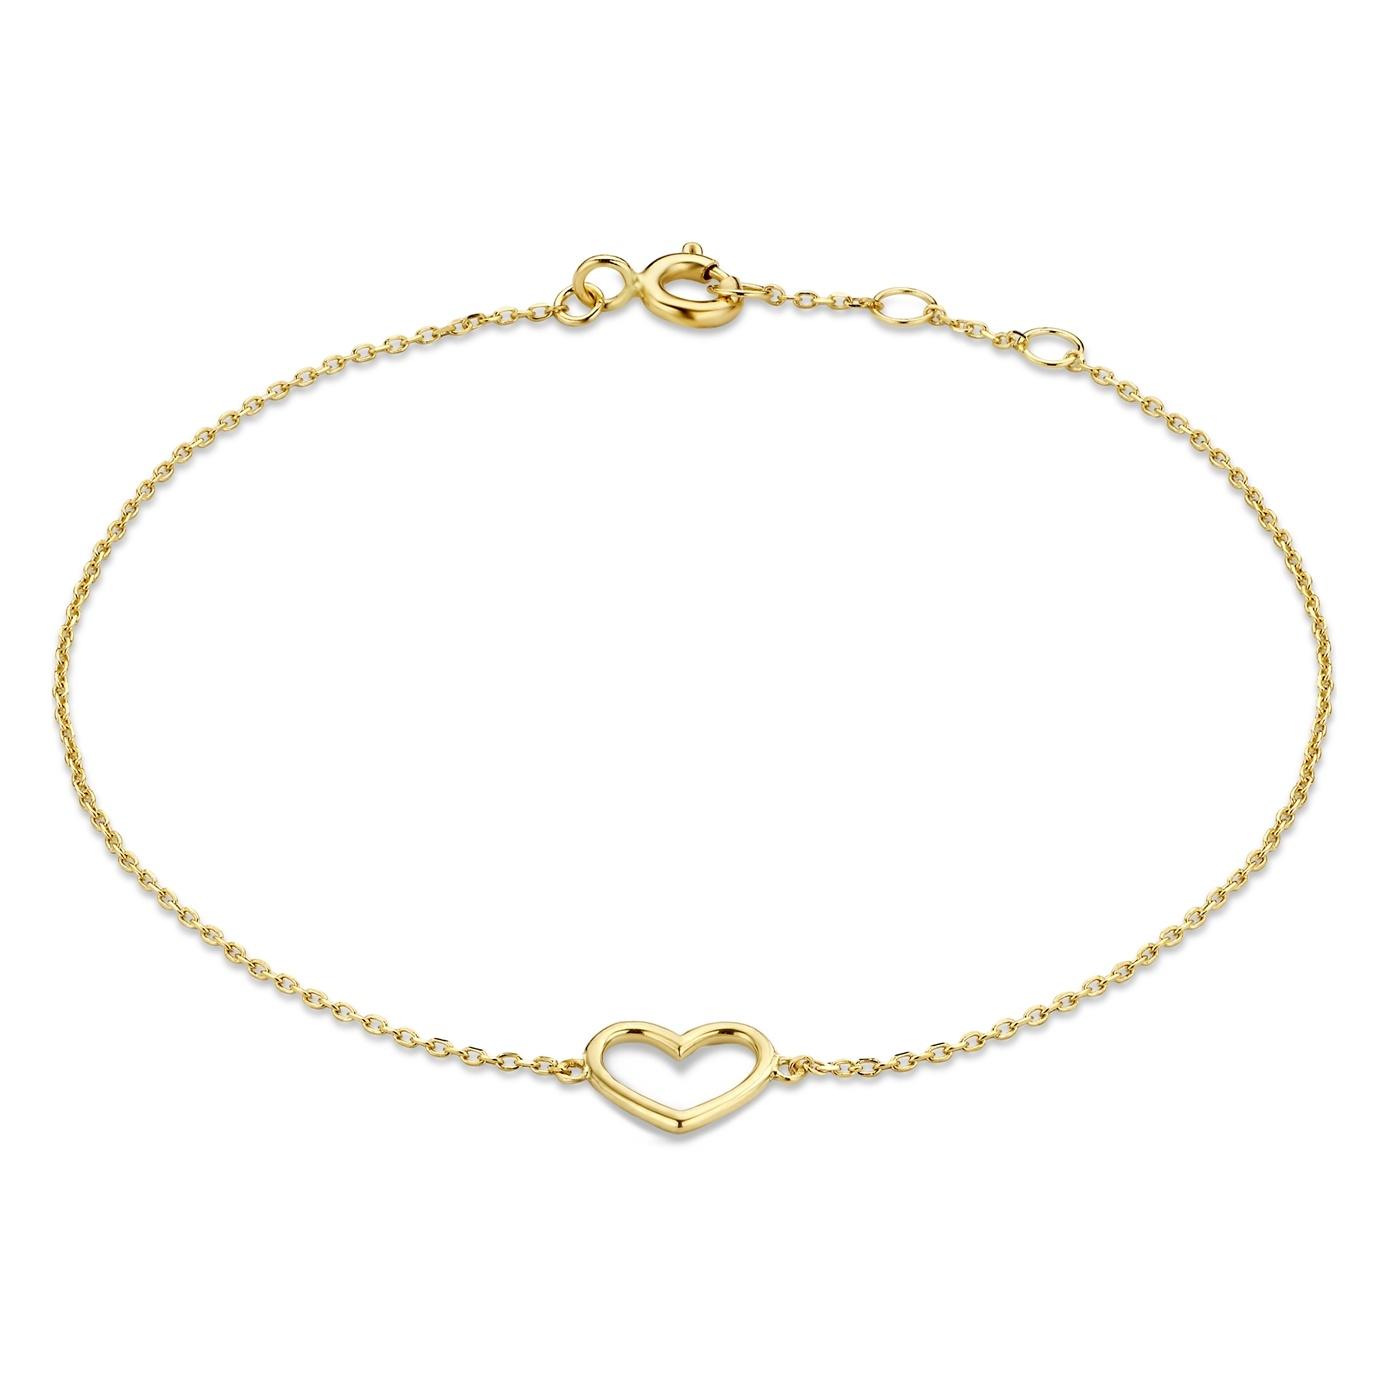 Isabel Bernard Belleville Amore 585er Goldarmband mit Herz